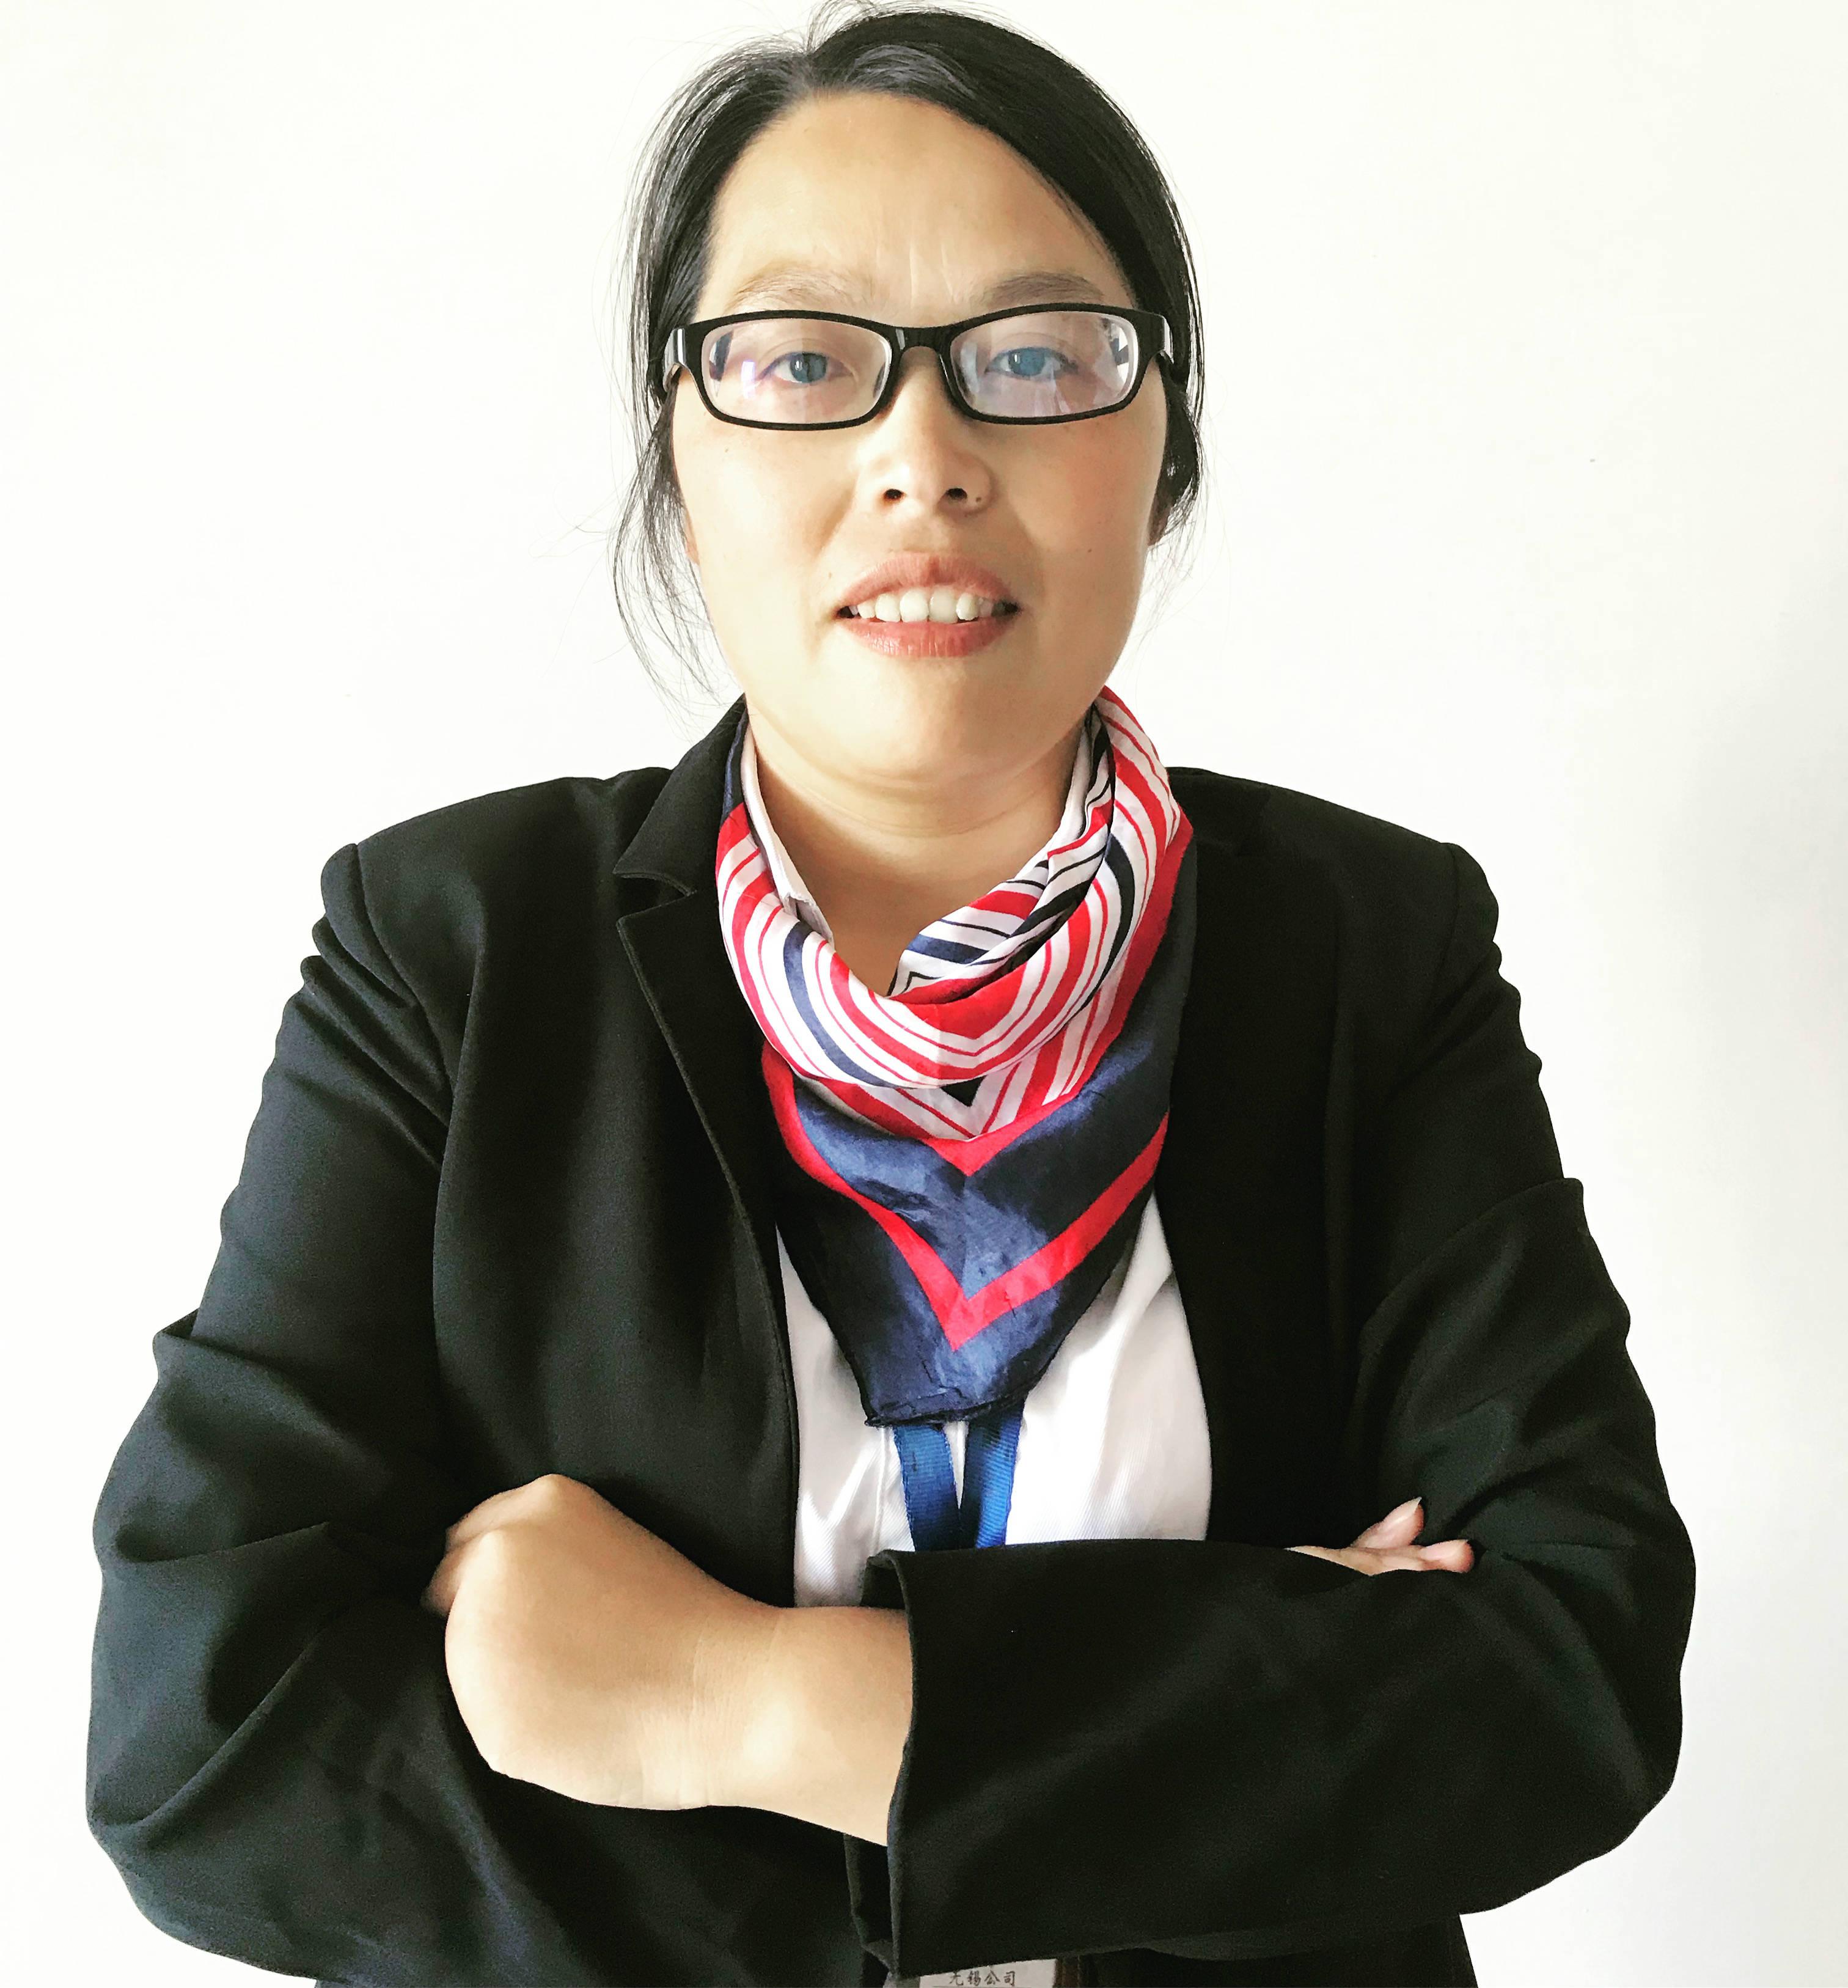 无锡二手房经纪人王金平